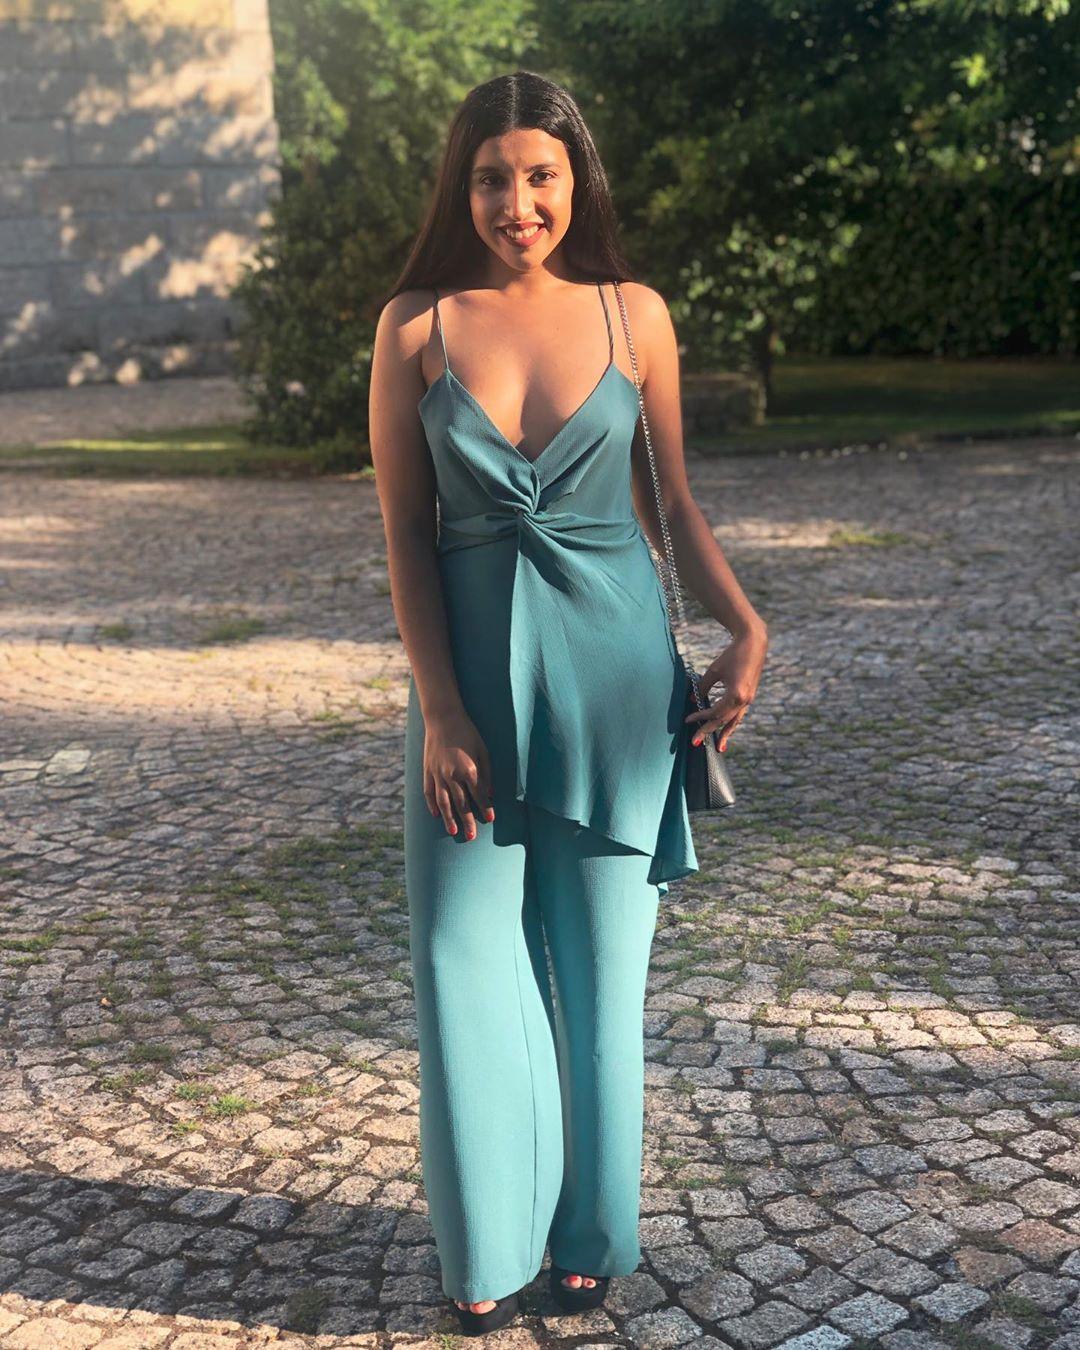 jumpsuit with bow straps de Zara sur carolinagouveia6